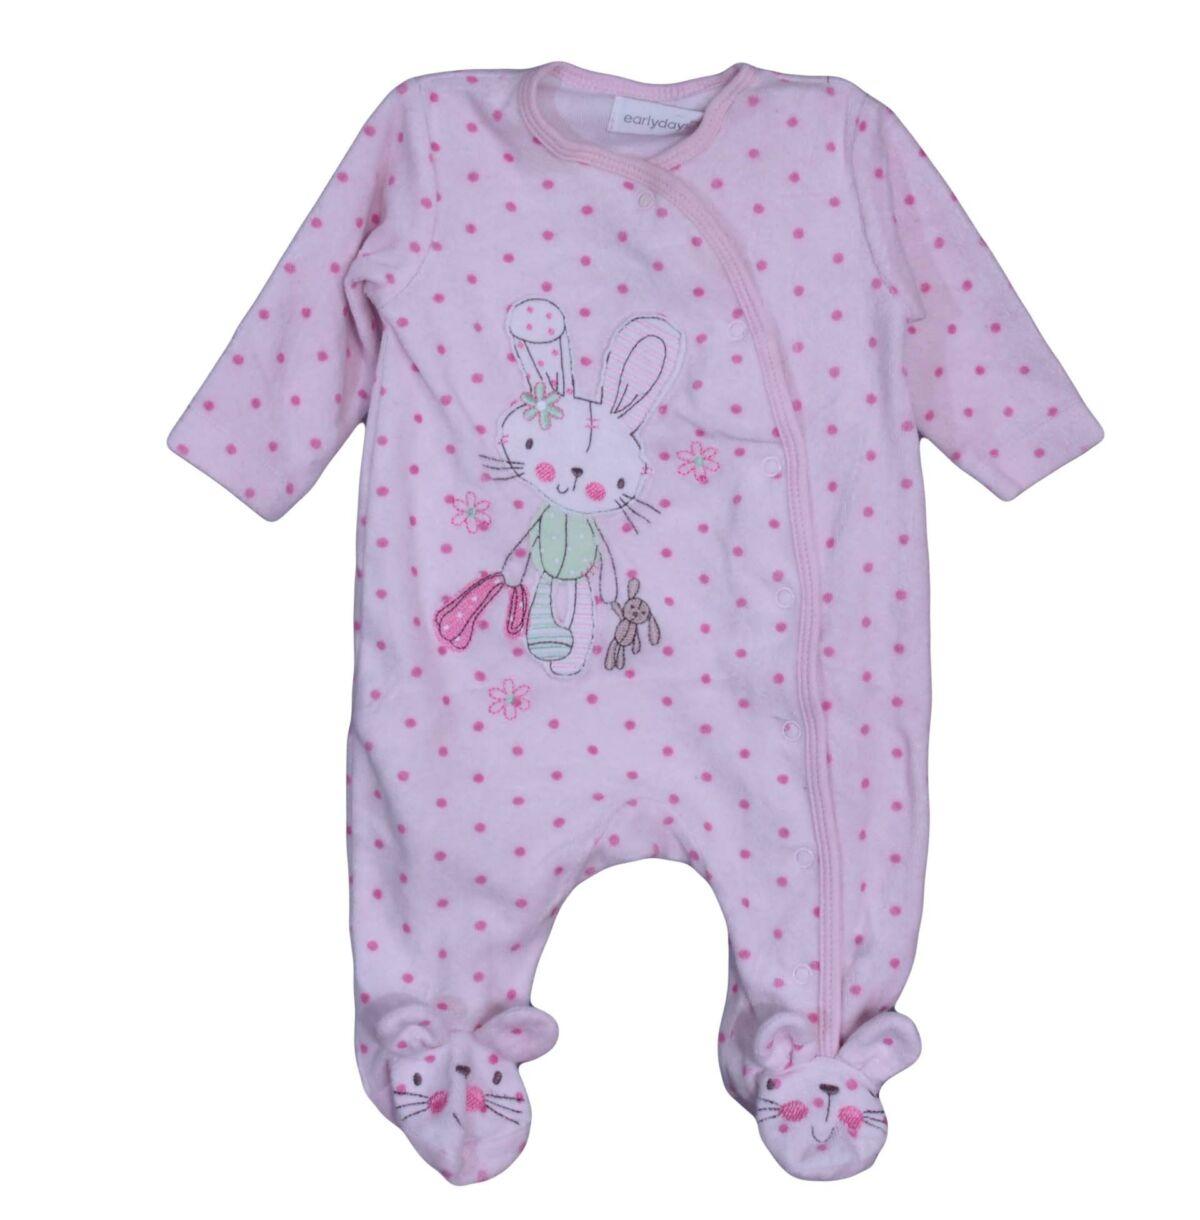 56 (újszülött) - Kedvenc Gyerekruha Webshop 3429b35f5d